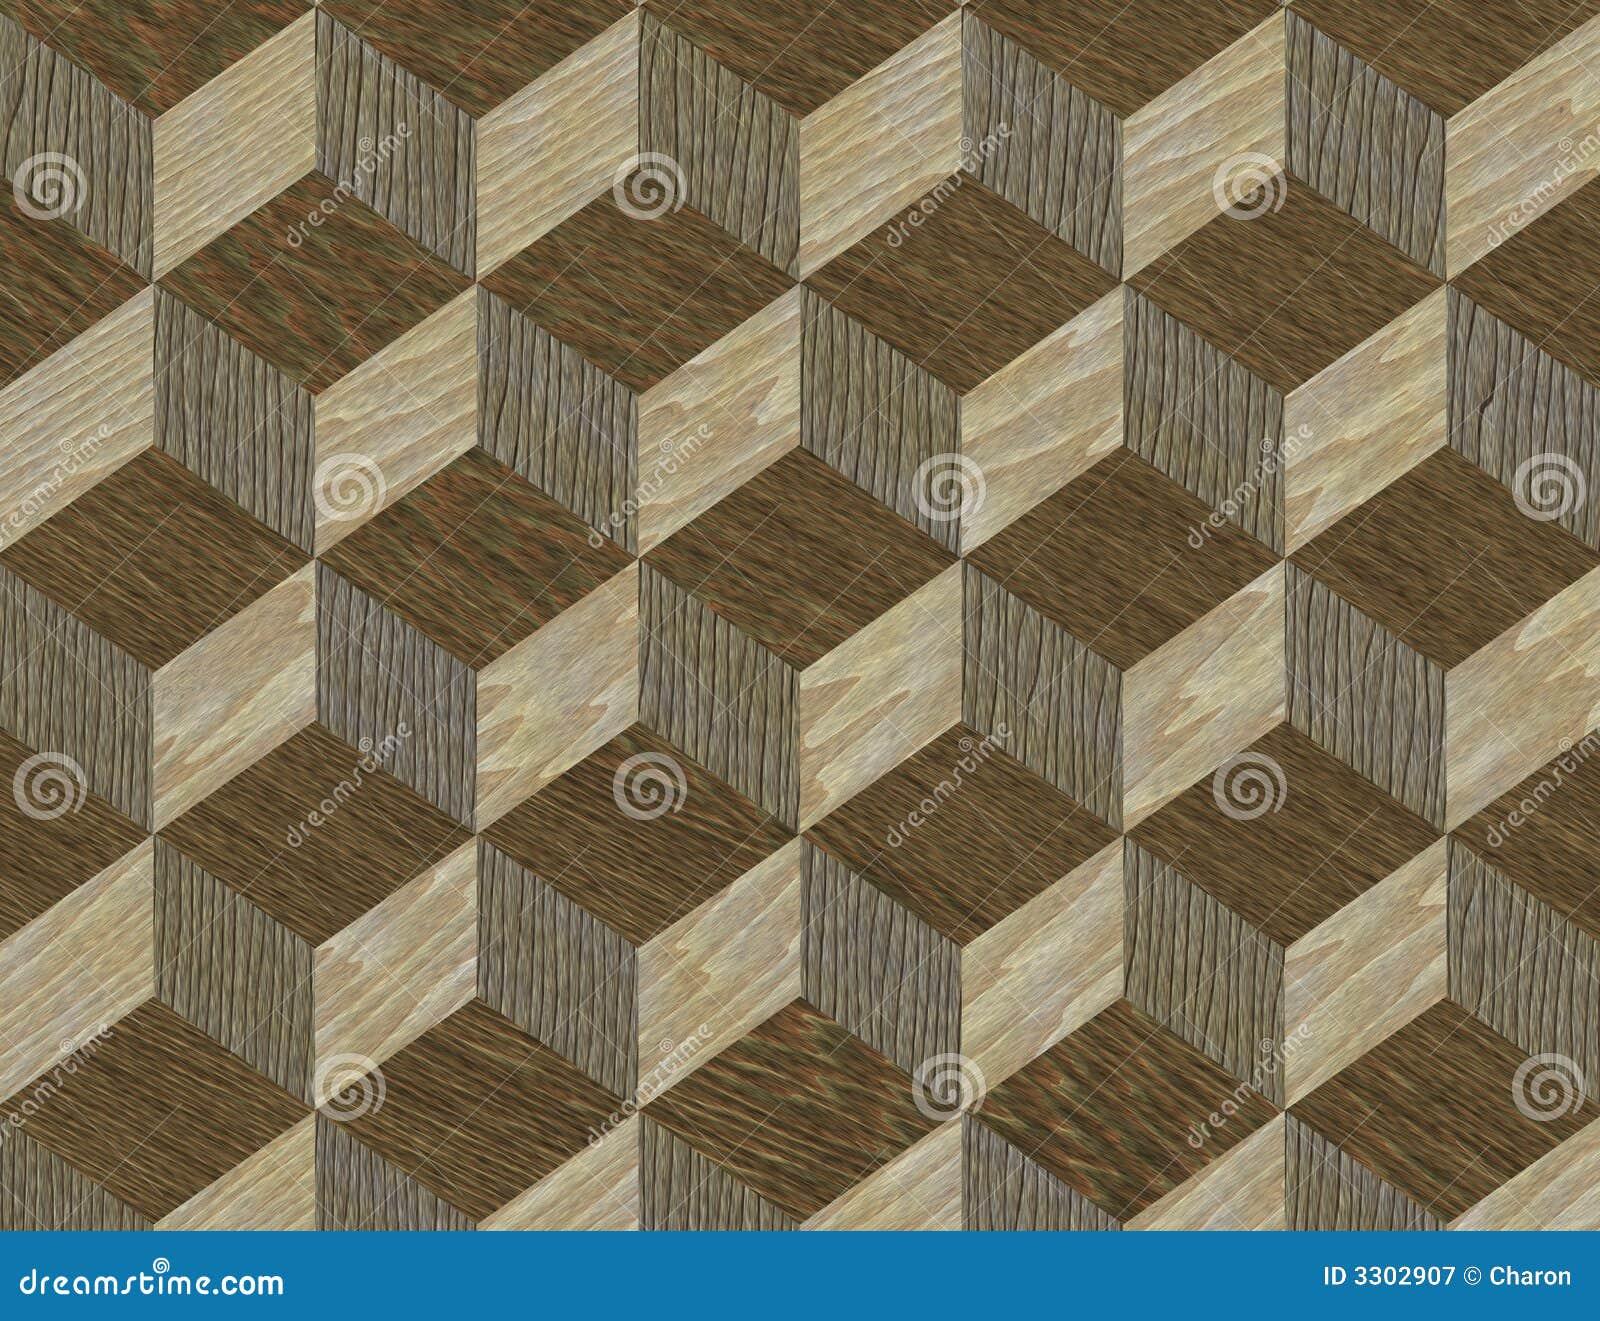 木细致的镶嵌细工模式的纹理